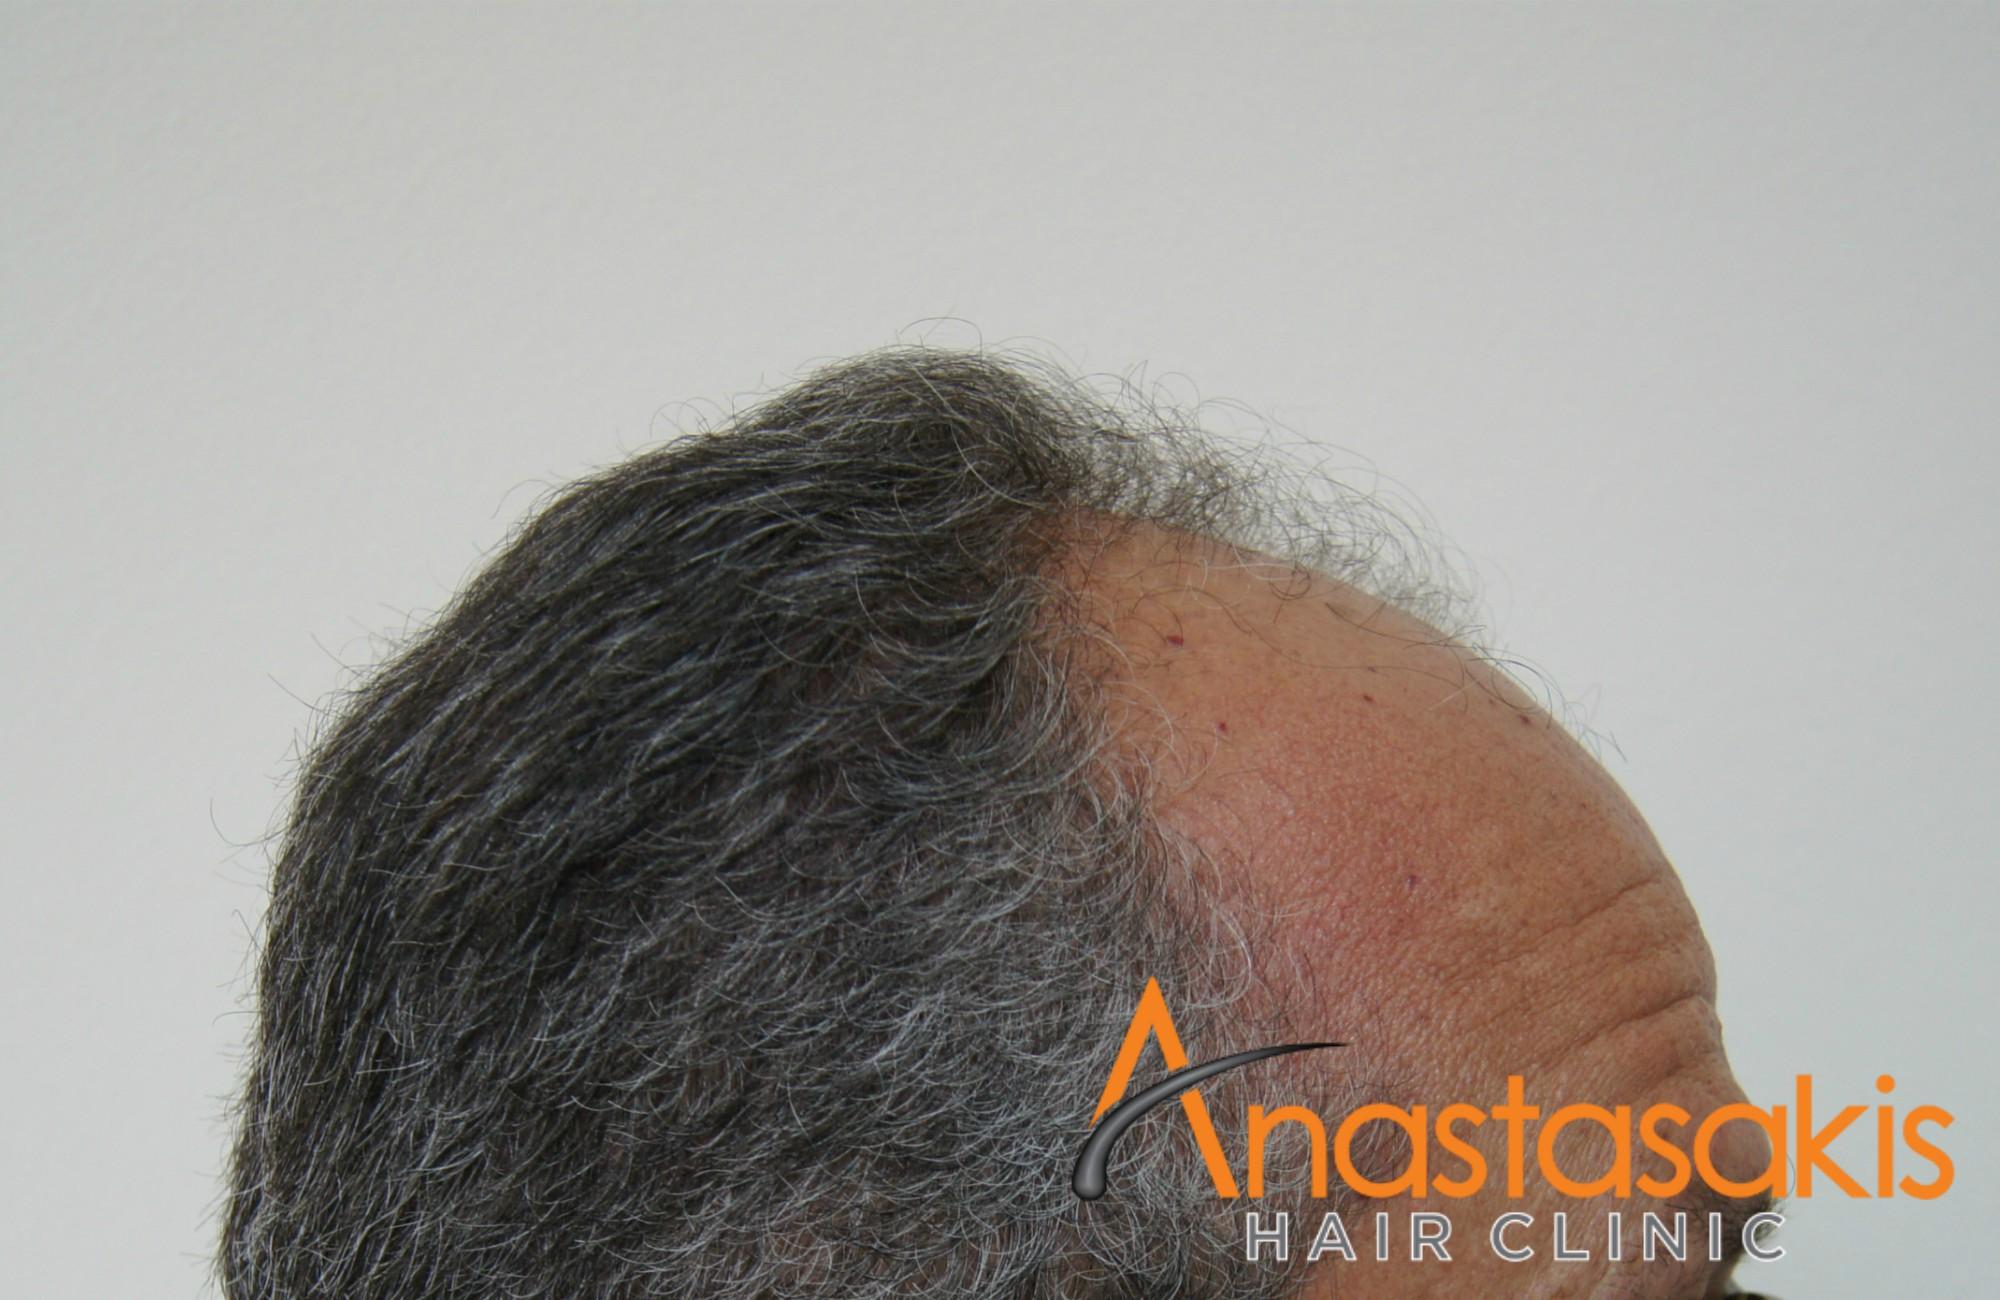 δεξι προφιλ 2 ασθενους πριν τη μεταμοσχευση μαλλιων με 3200 fus